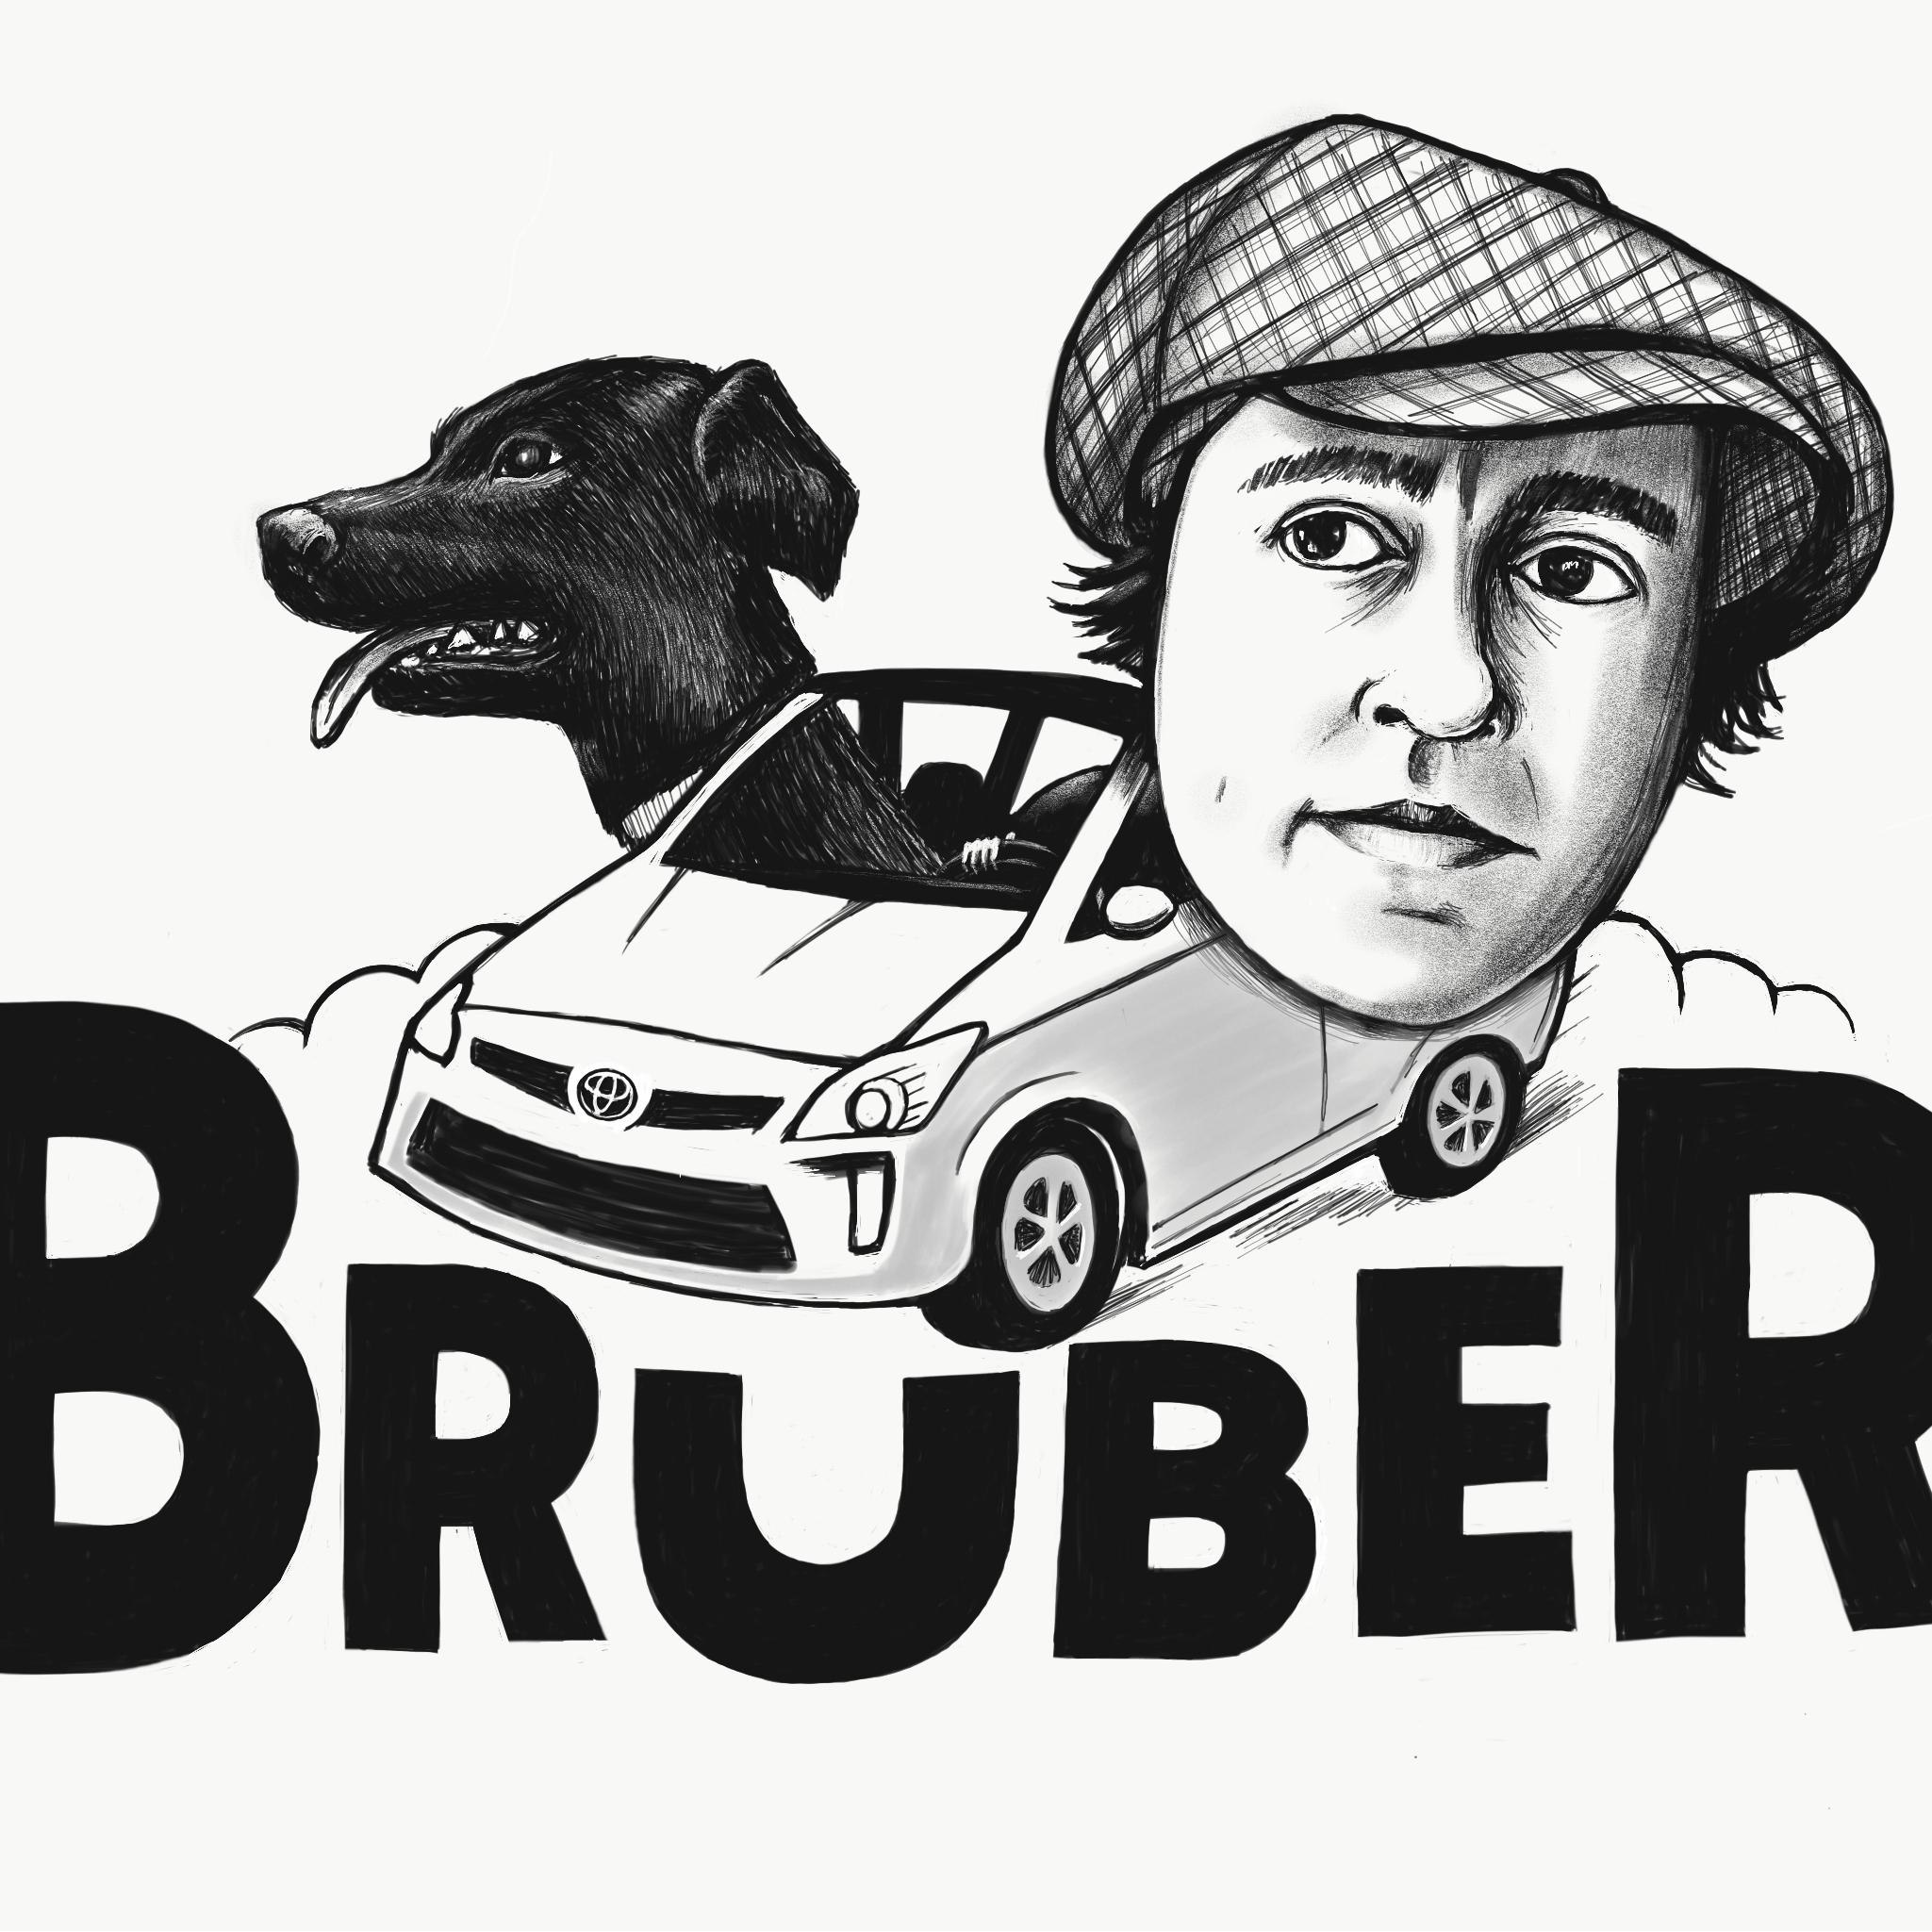 Bruber